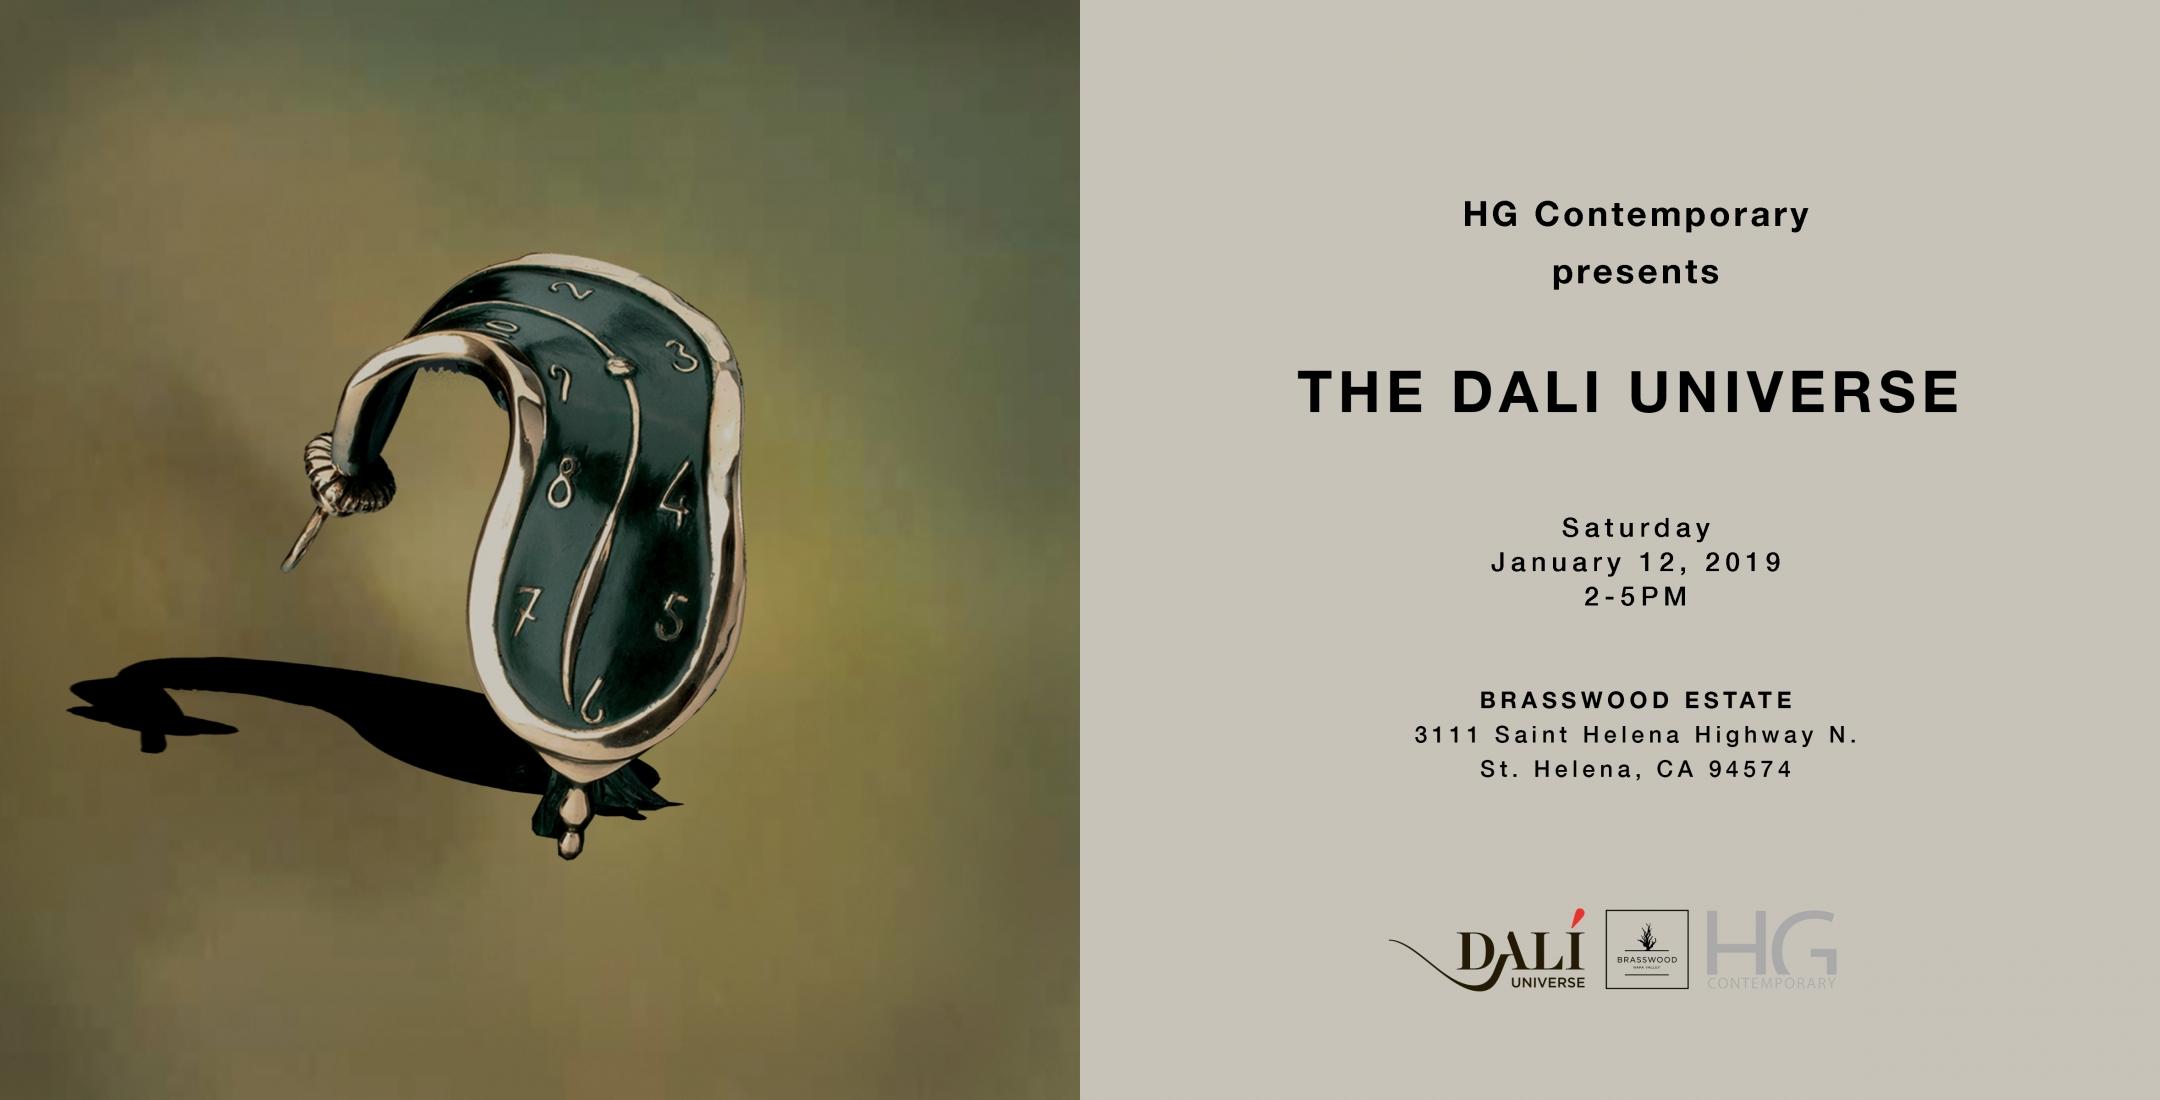 The Dali Universe